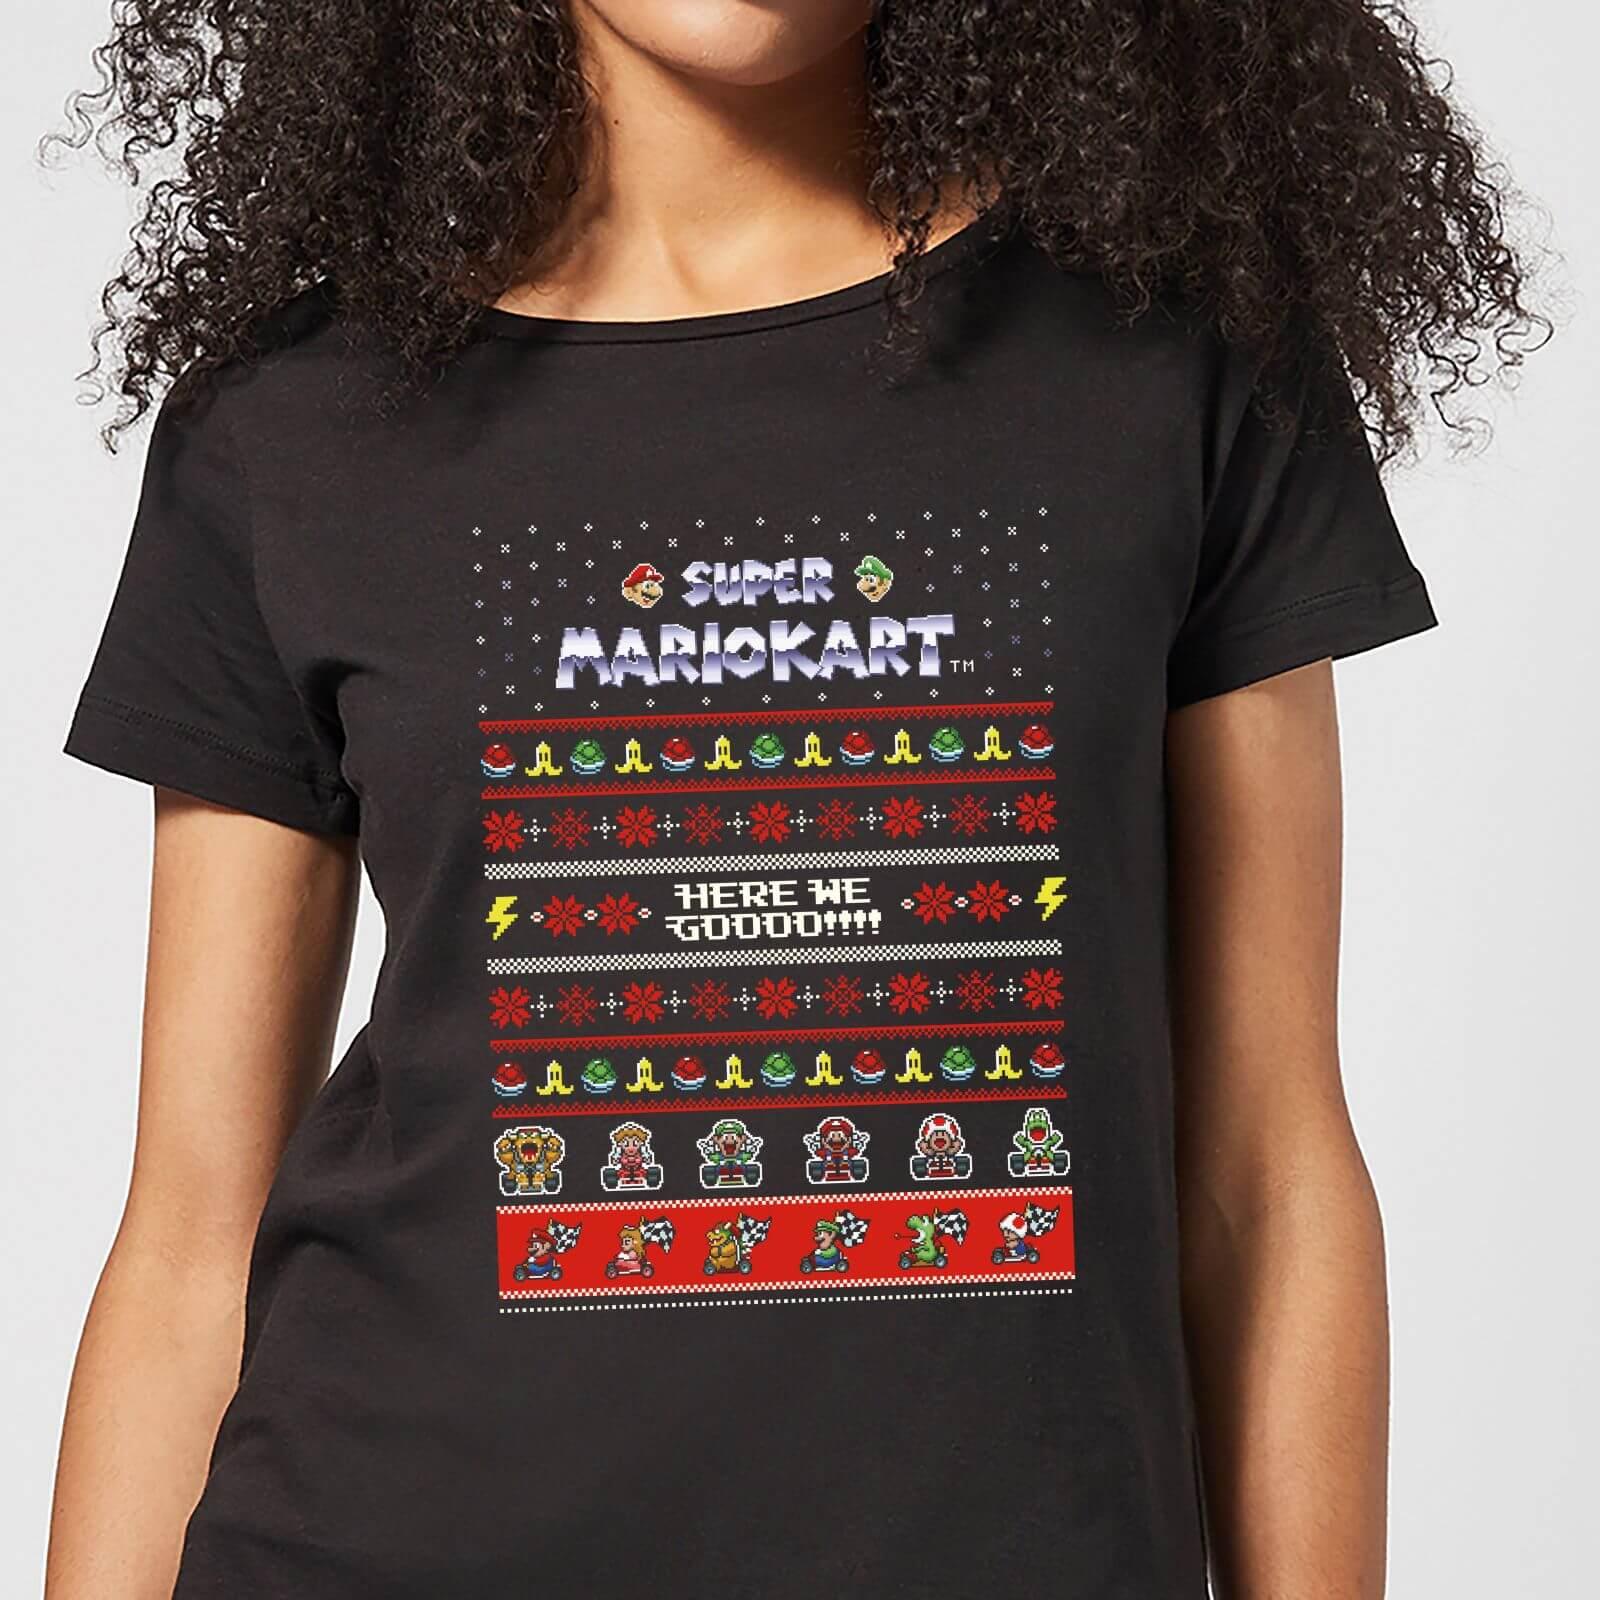 Nintendo Mario Kart Here We Go Women's Christmas T-Shirt - Black - L - Noir